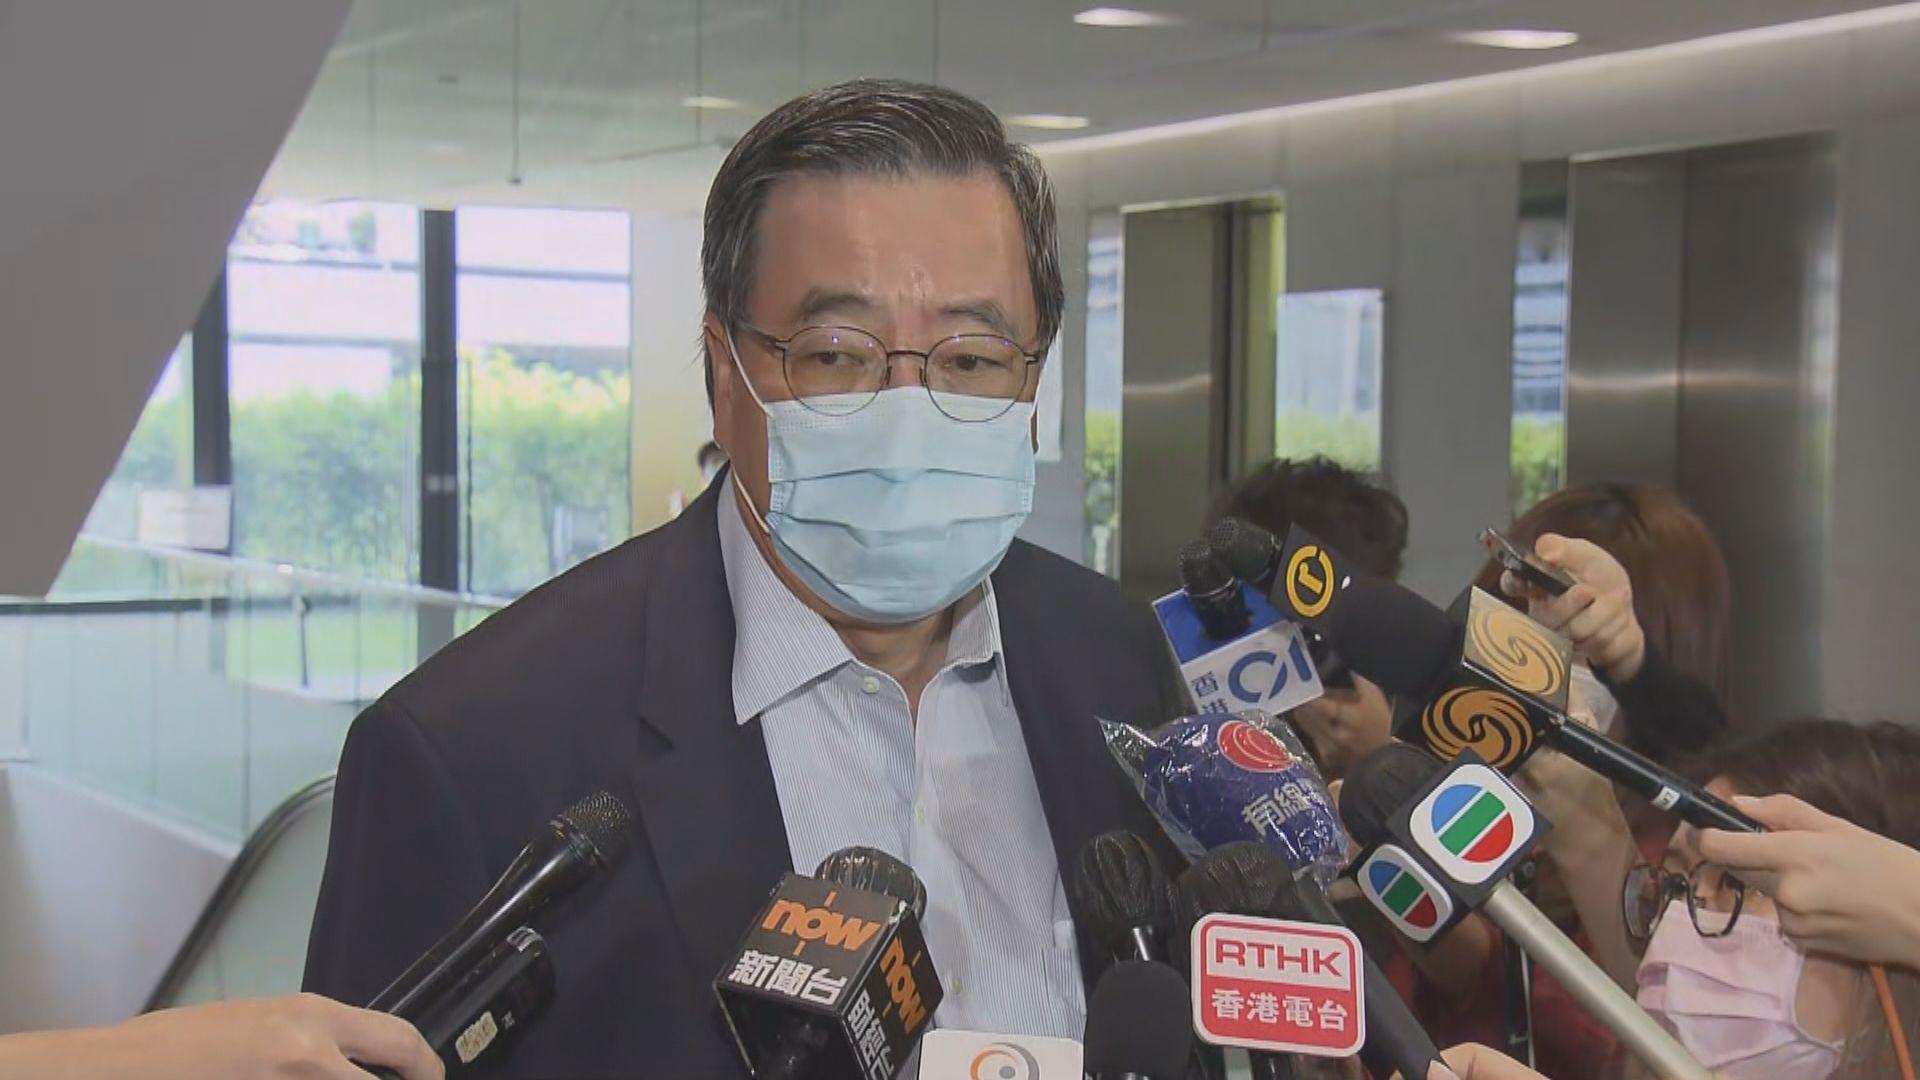 施政報告押後發表 梁君彥:周三如期開會審未完成法案